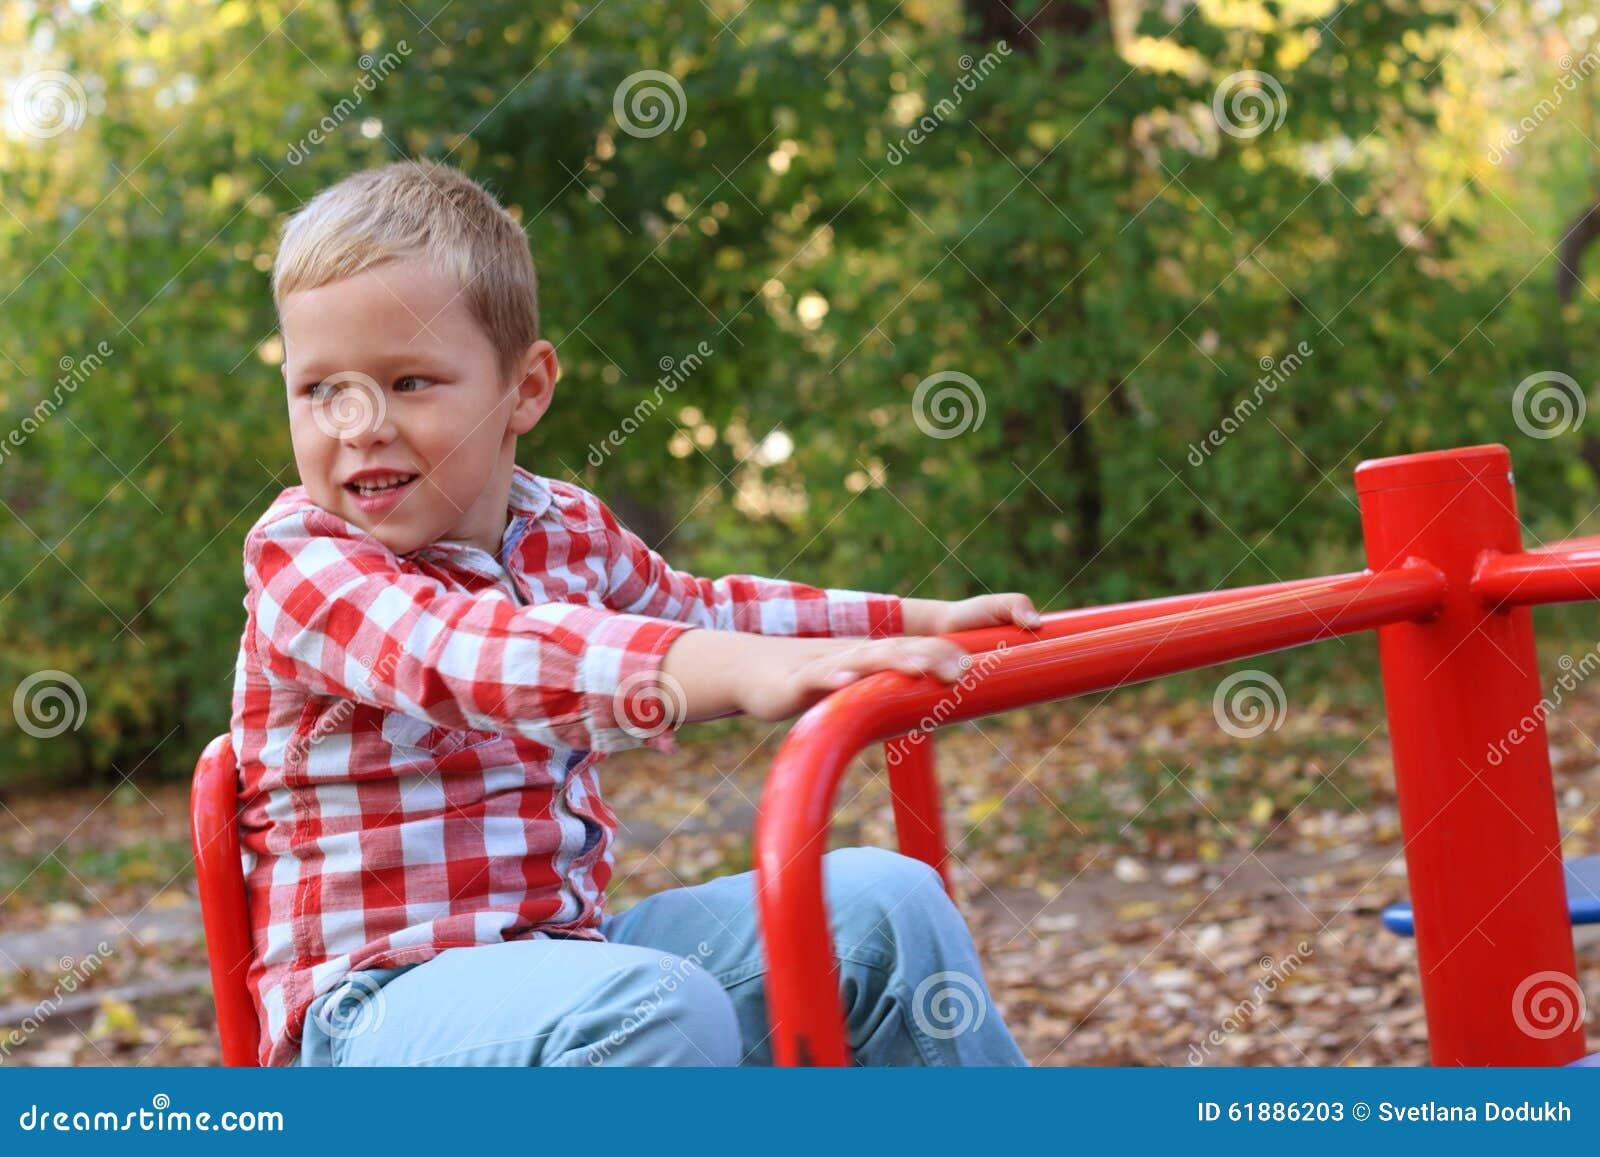 Den stiliga pysen i skjorta spelar på liten karusell